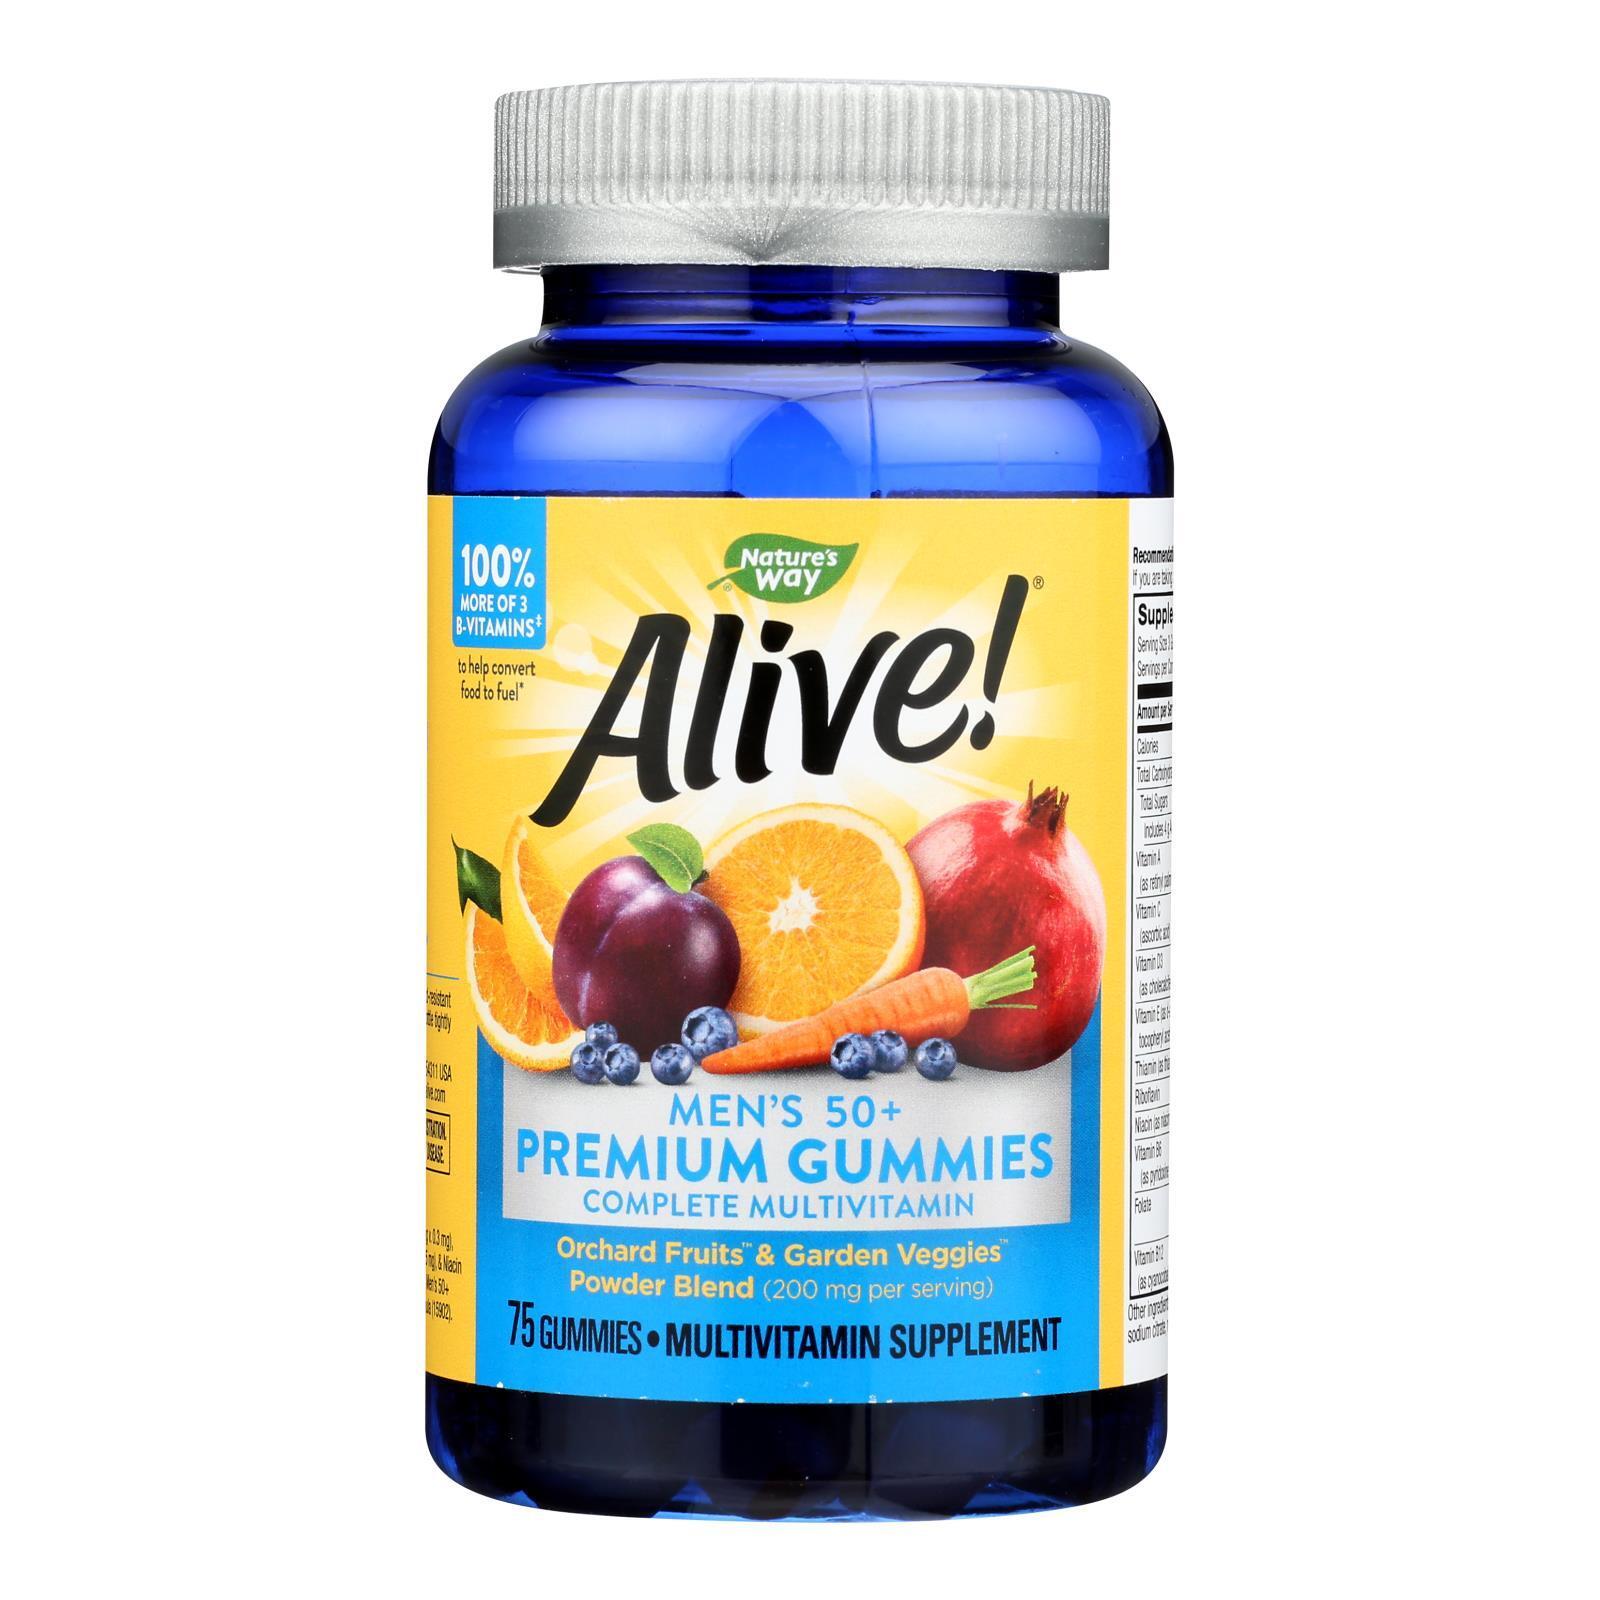 Men's Vitamins – Pure Bulk Vitamins